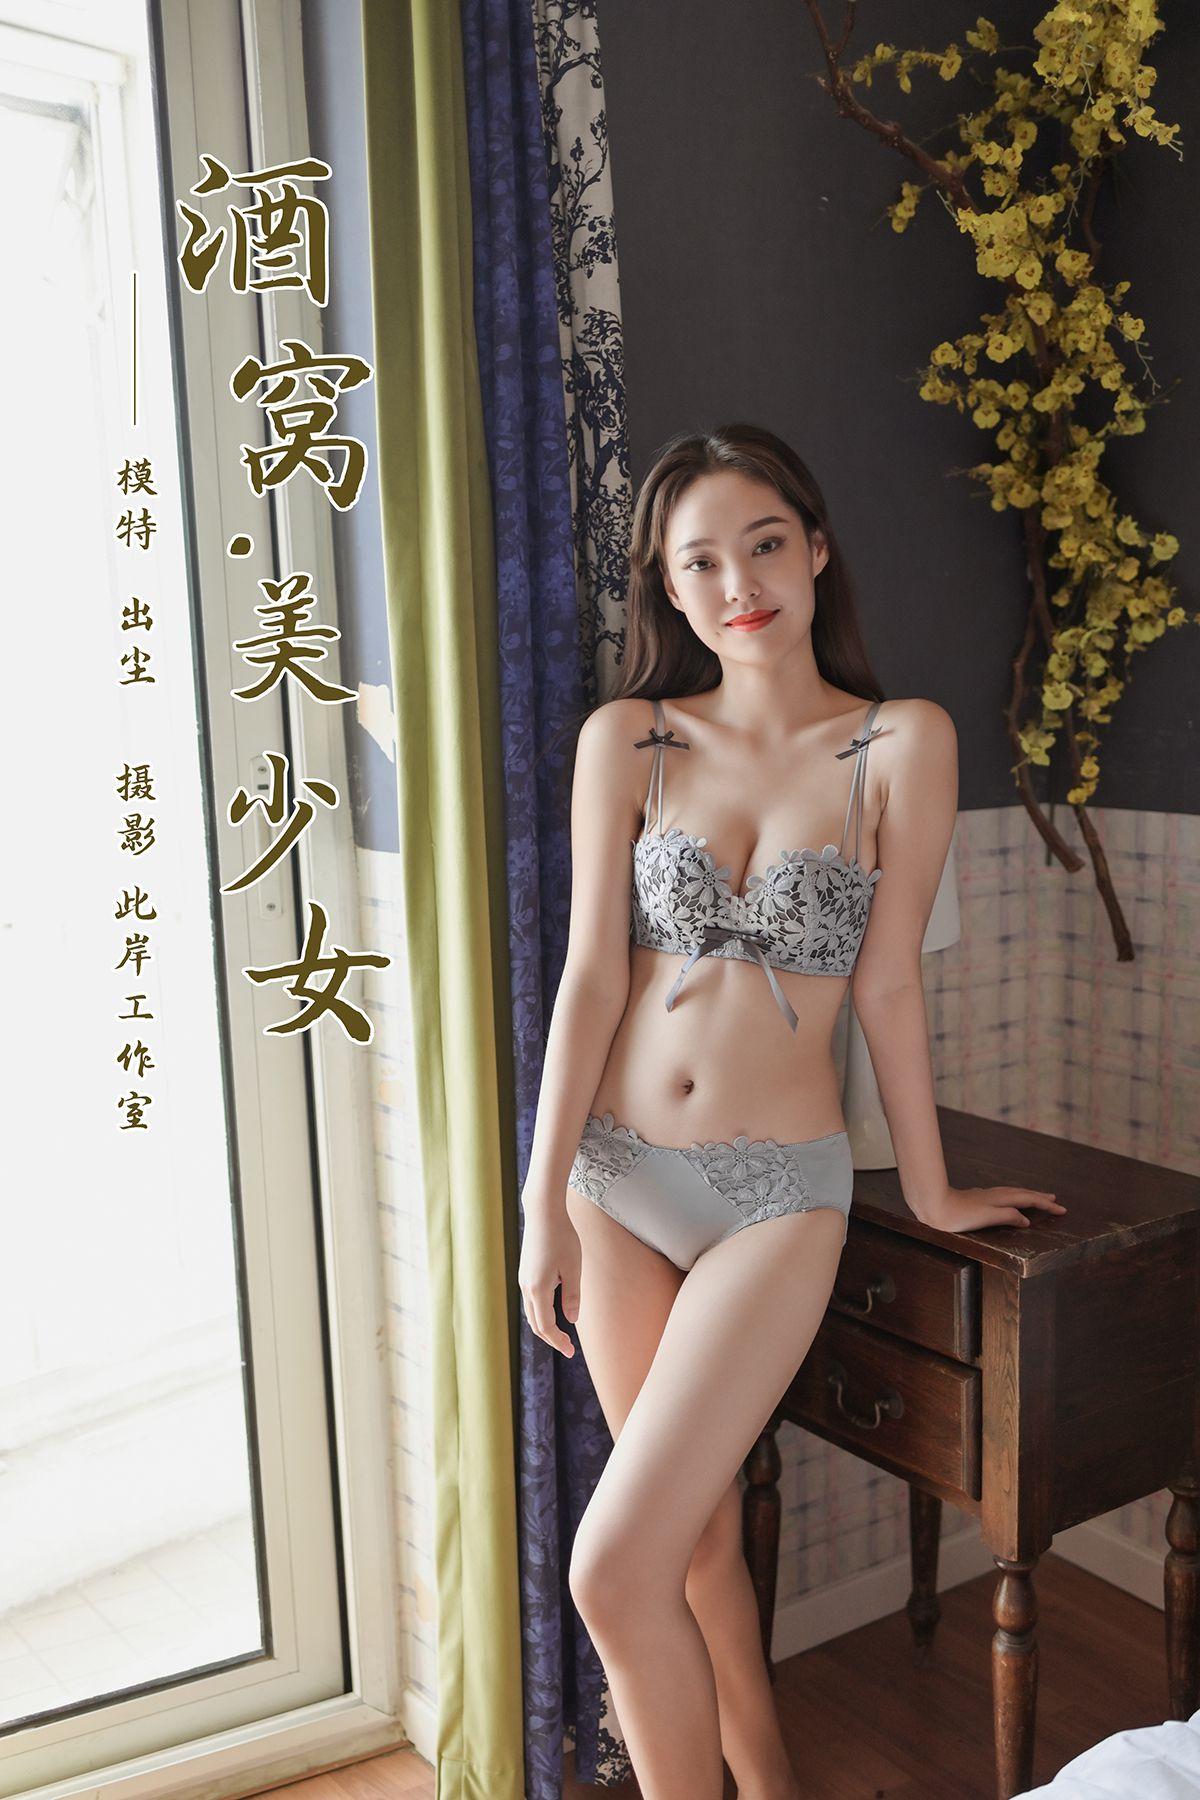 YaLaYi雅拉伊 Vol.468 Chu Chen